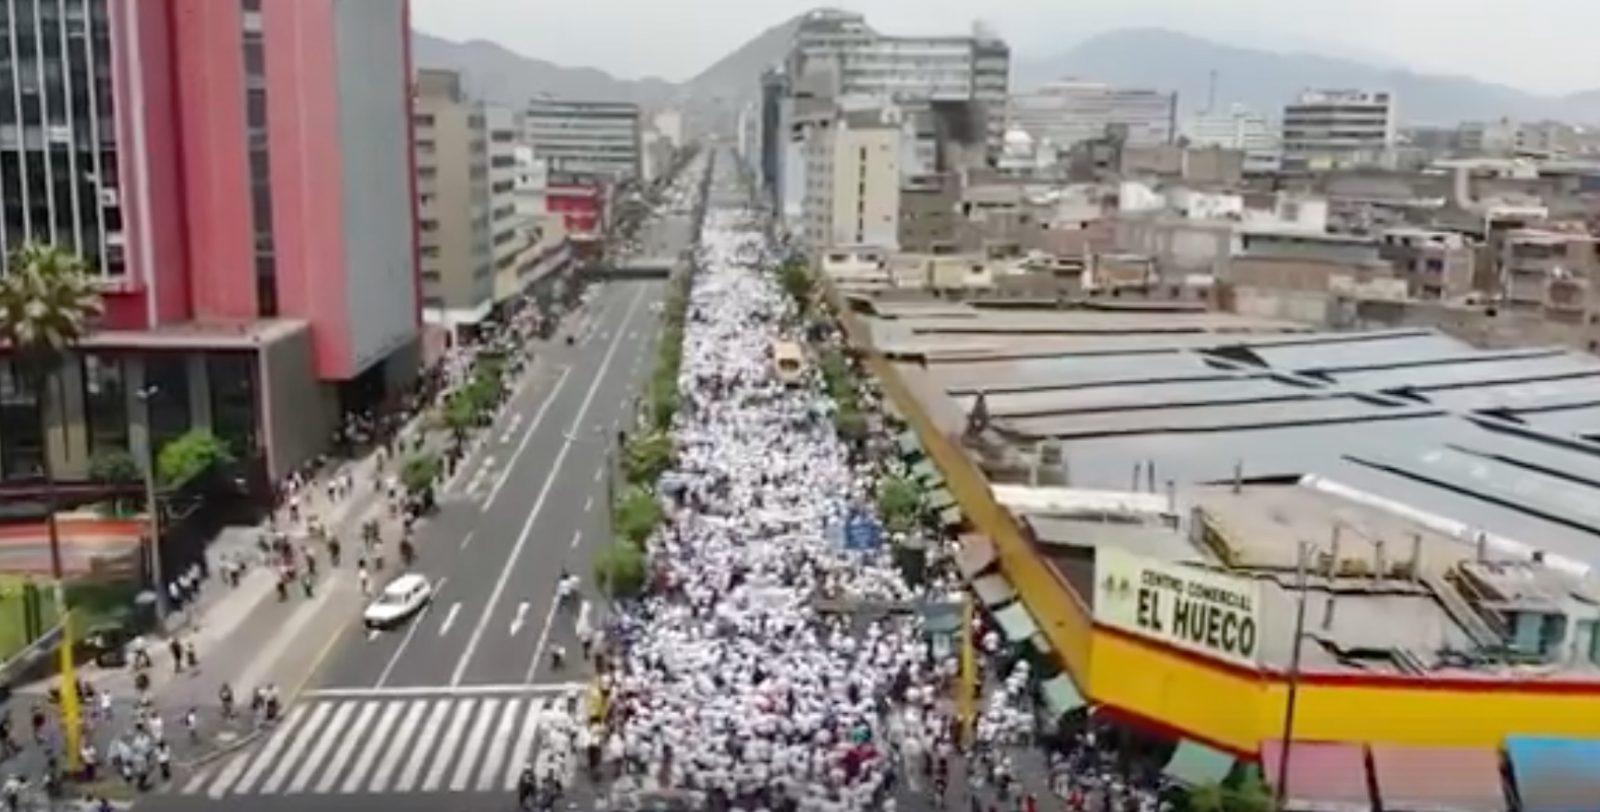 Perú taurino// 40 000 personnes dans la rue pour défendre la liberté de la Tauromachie